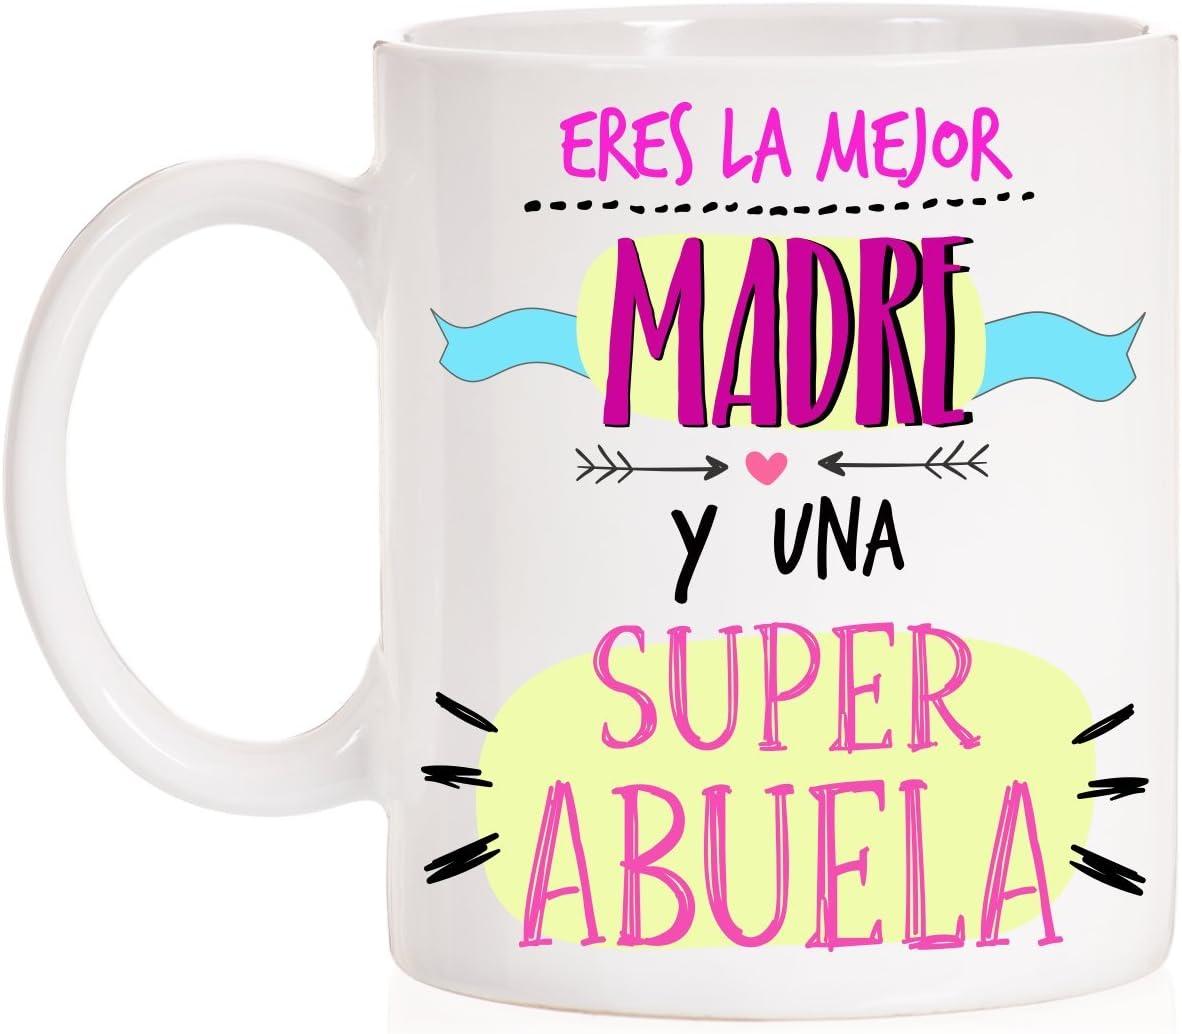 Taza Eres la Mejor Madre y una superabuela. Taza Regalo para Madres Que Son Abuela. Super Abuela. Taza día de la Madre.